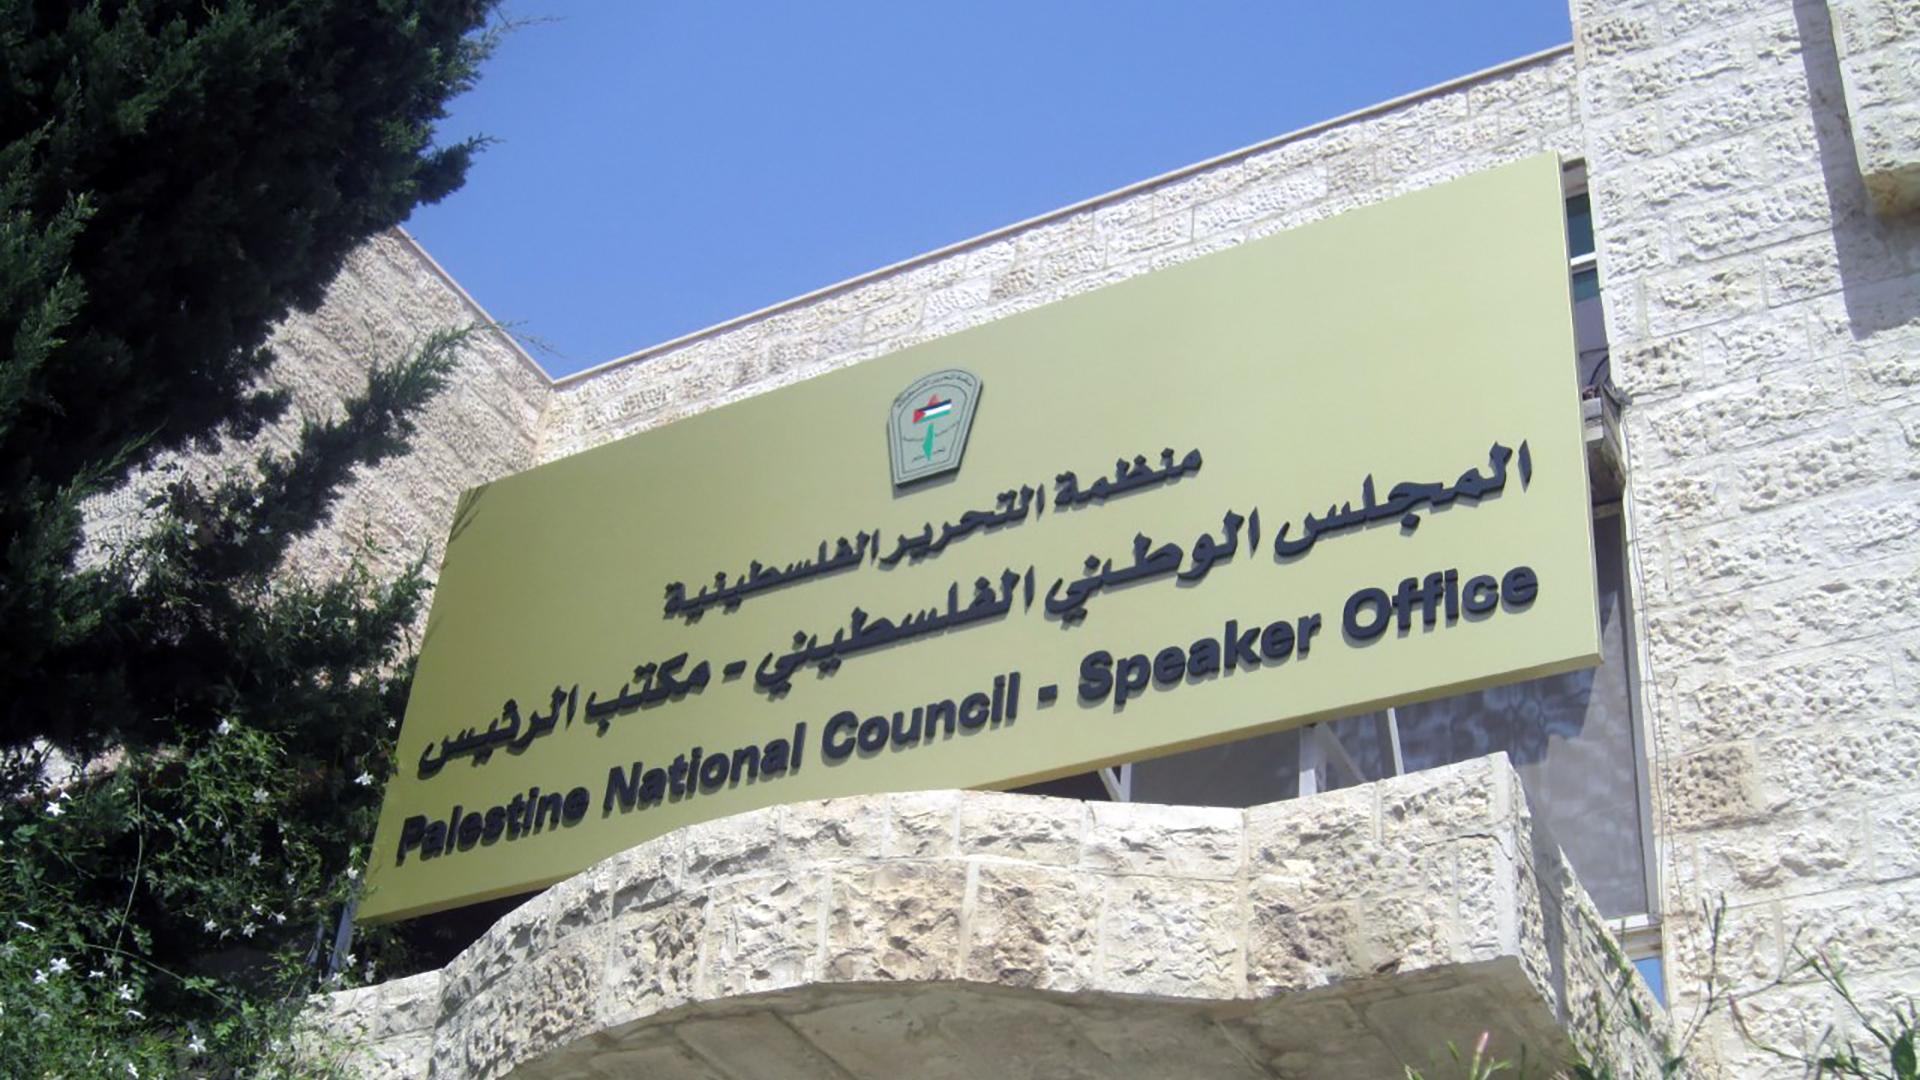 المجلس الوطني الفلسطيني يدعو برلمانات العالم لإنقاذ حياة الأسرى الفلسطينيين المضربين عن الطعام